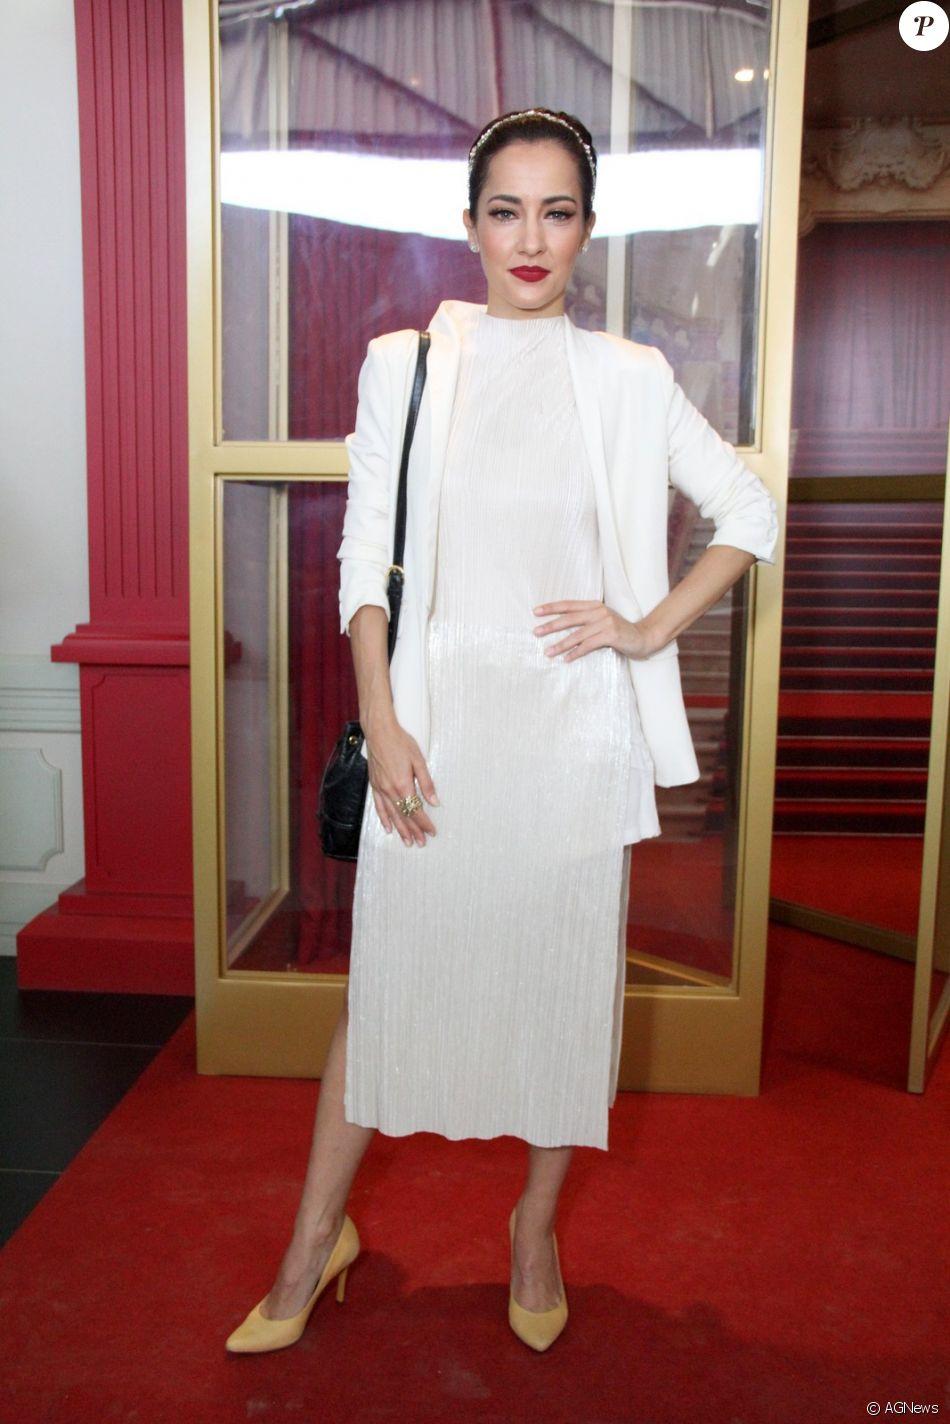 fa94b3307 Maitê Piragibe, no lançamento da novela 'Apocalipse', escolheu um look midi  total white